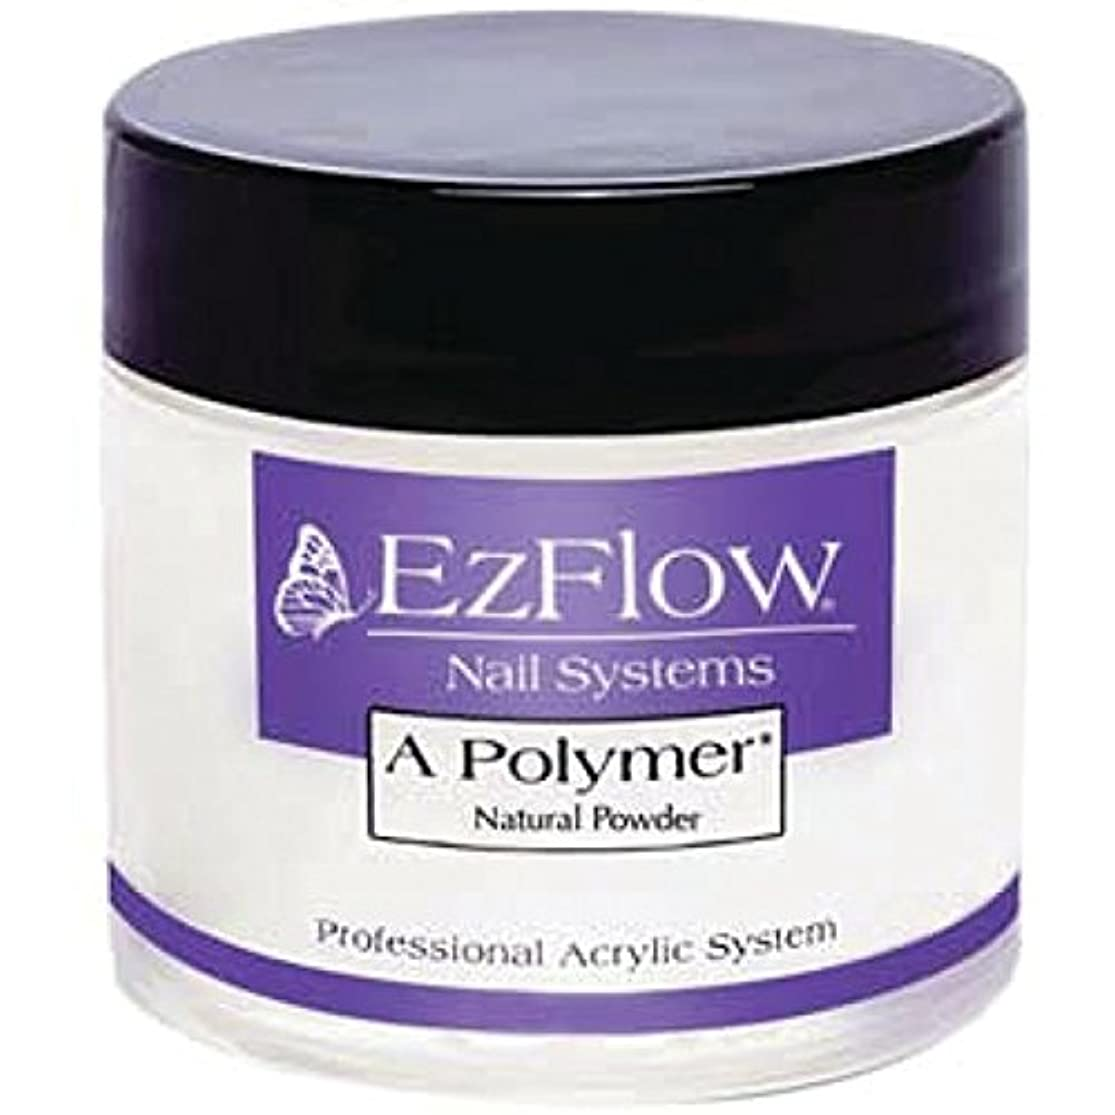 活気づくセールスマン植物の[EzFlow] Aポリマーナチュラルパウダー 8oz